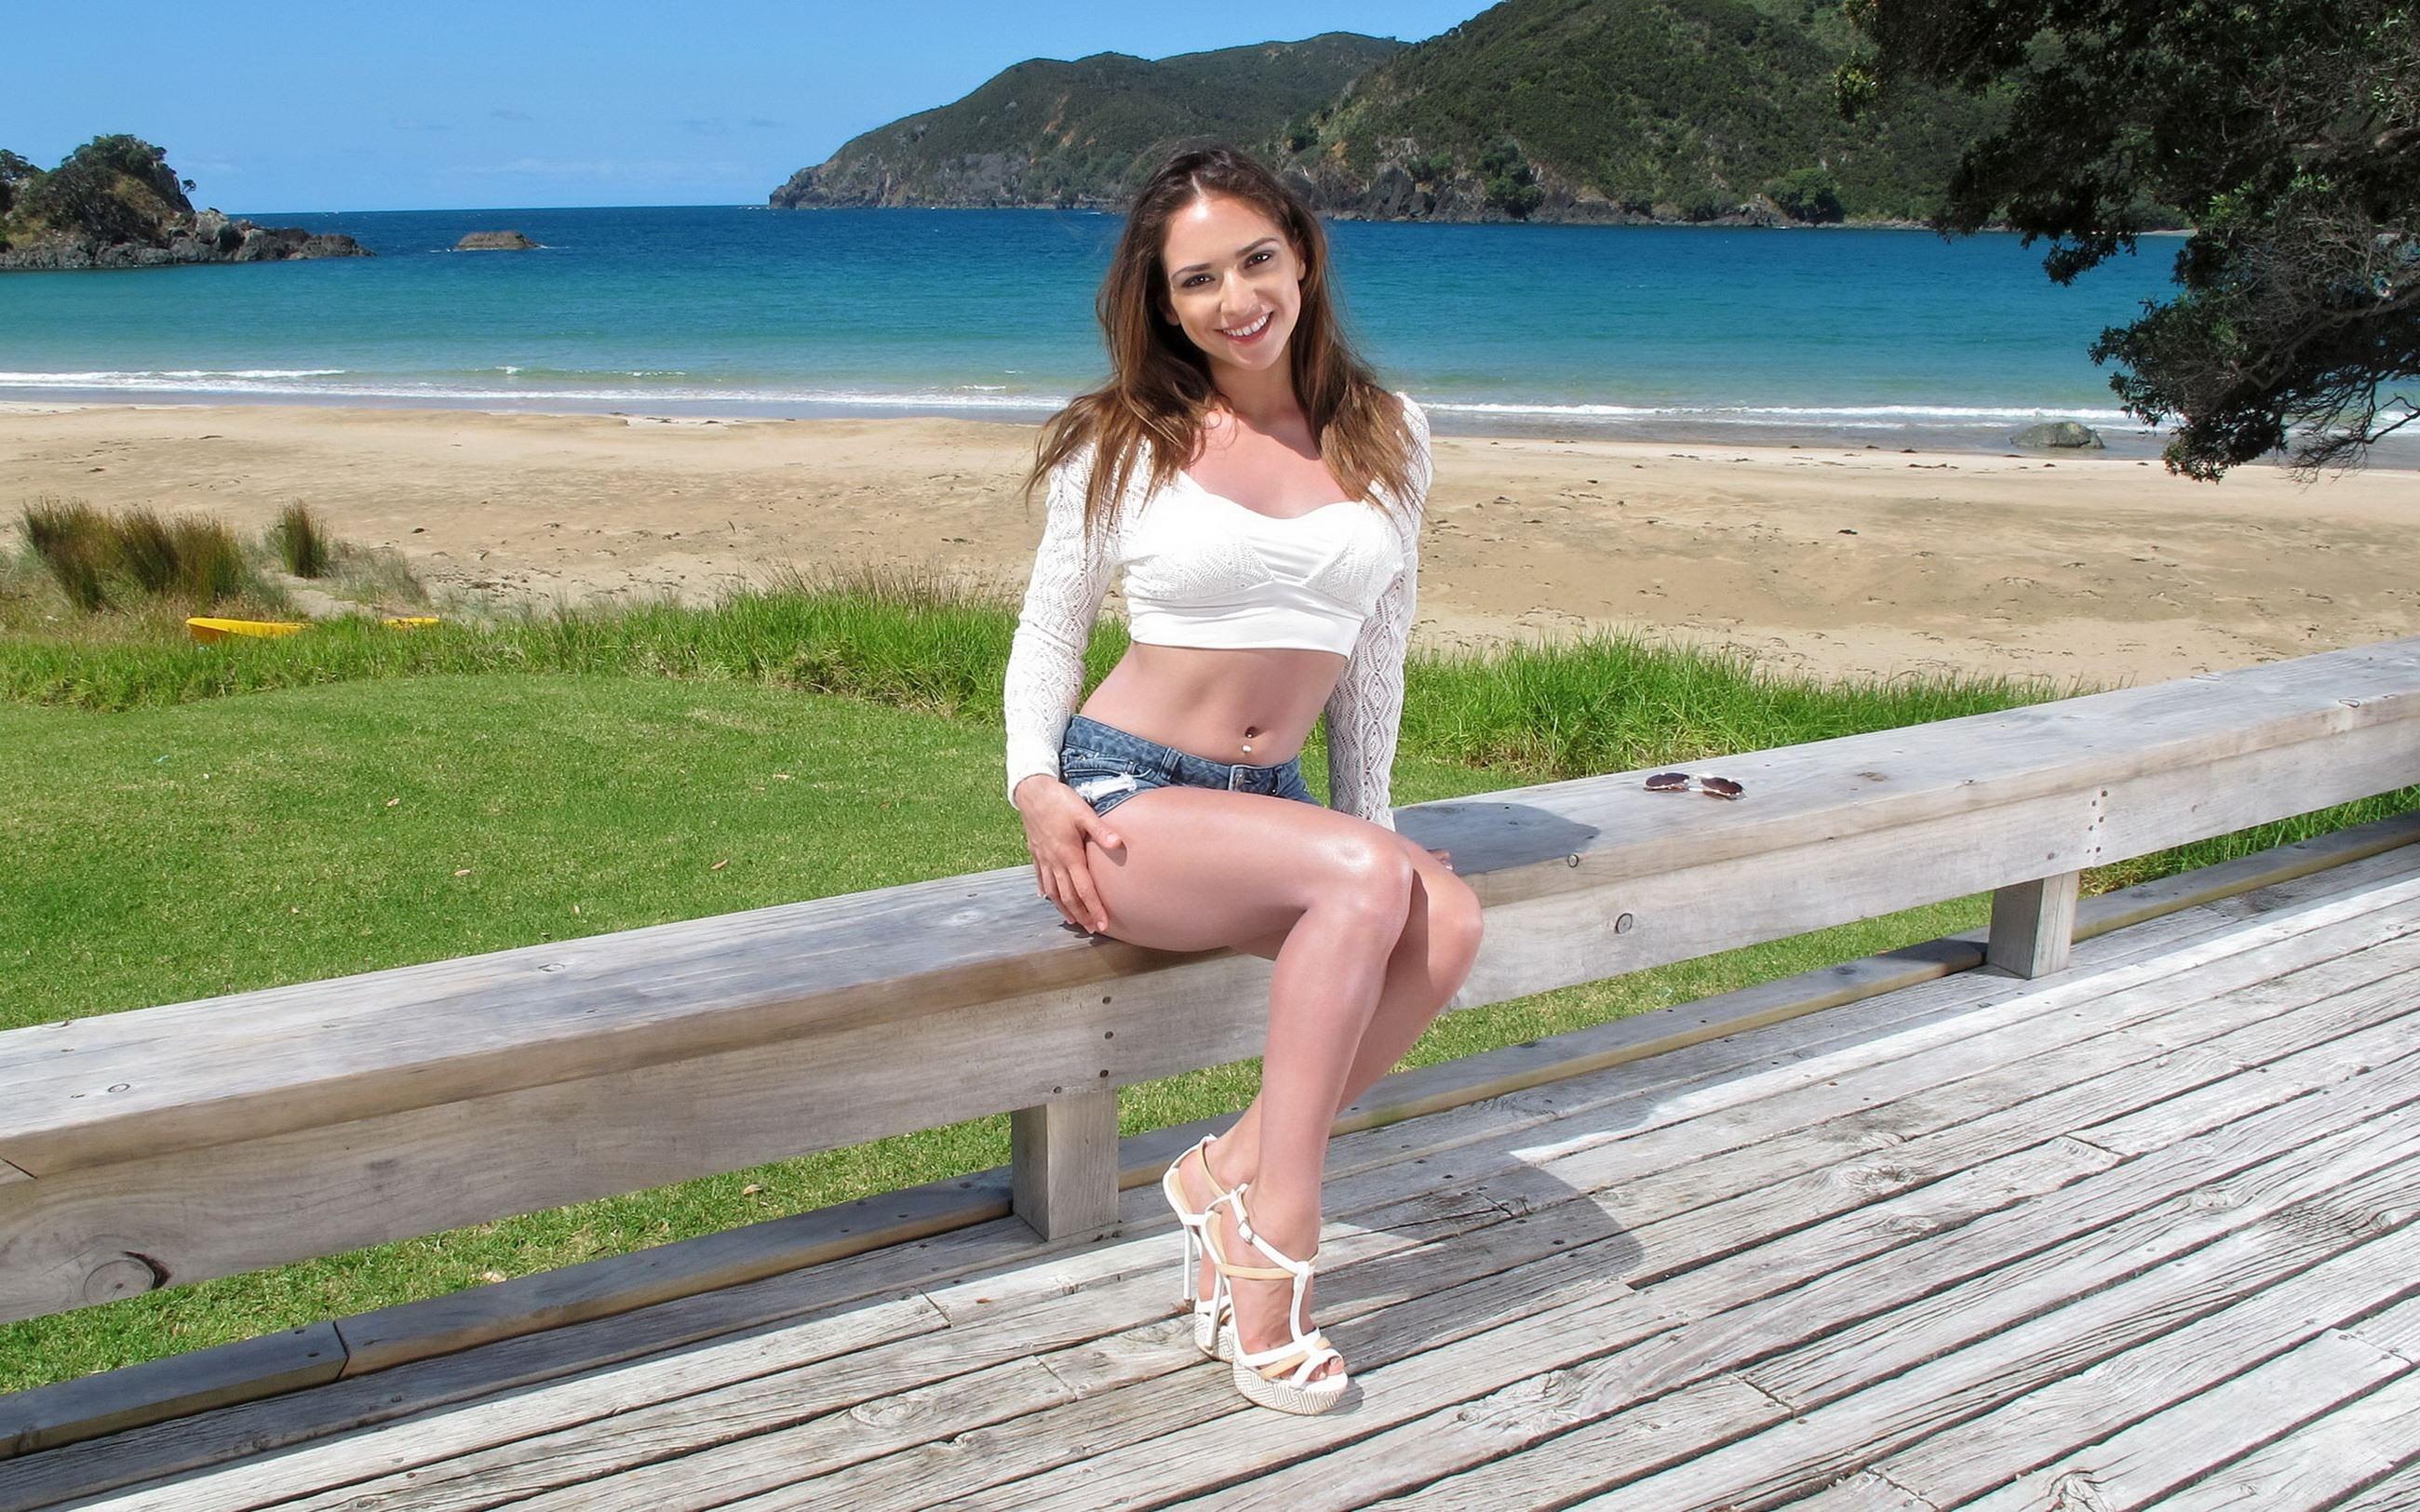 Фото Обаятельная девушка в коротких шортиках и белом топике, блестящие ножки, деревянный пирс, скамья, трава, песок, море, пляж, скачать картинку бесплатно